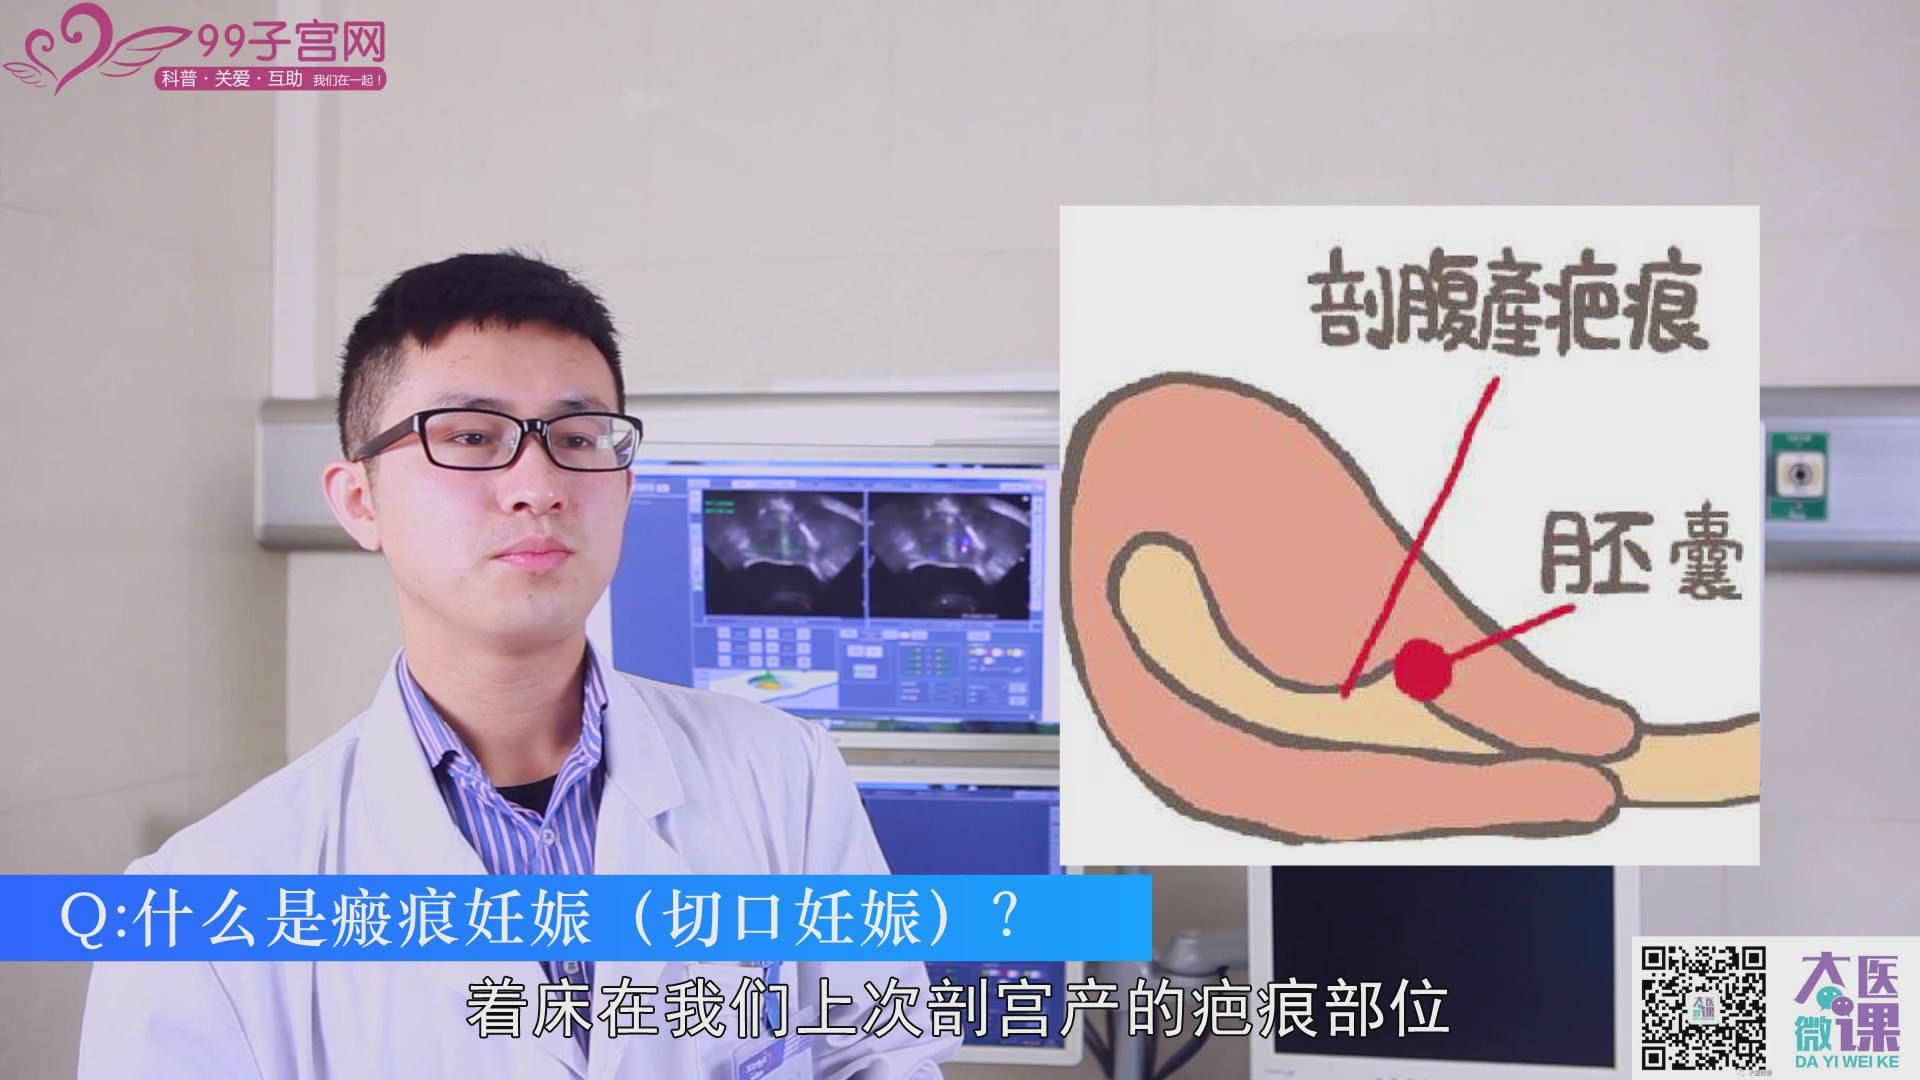 【微课问答】什么是瘢痕妊娠